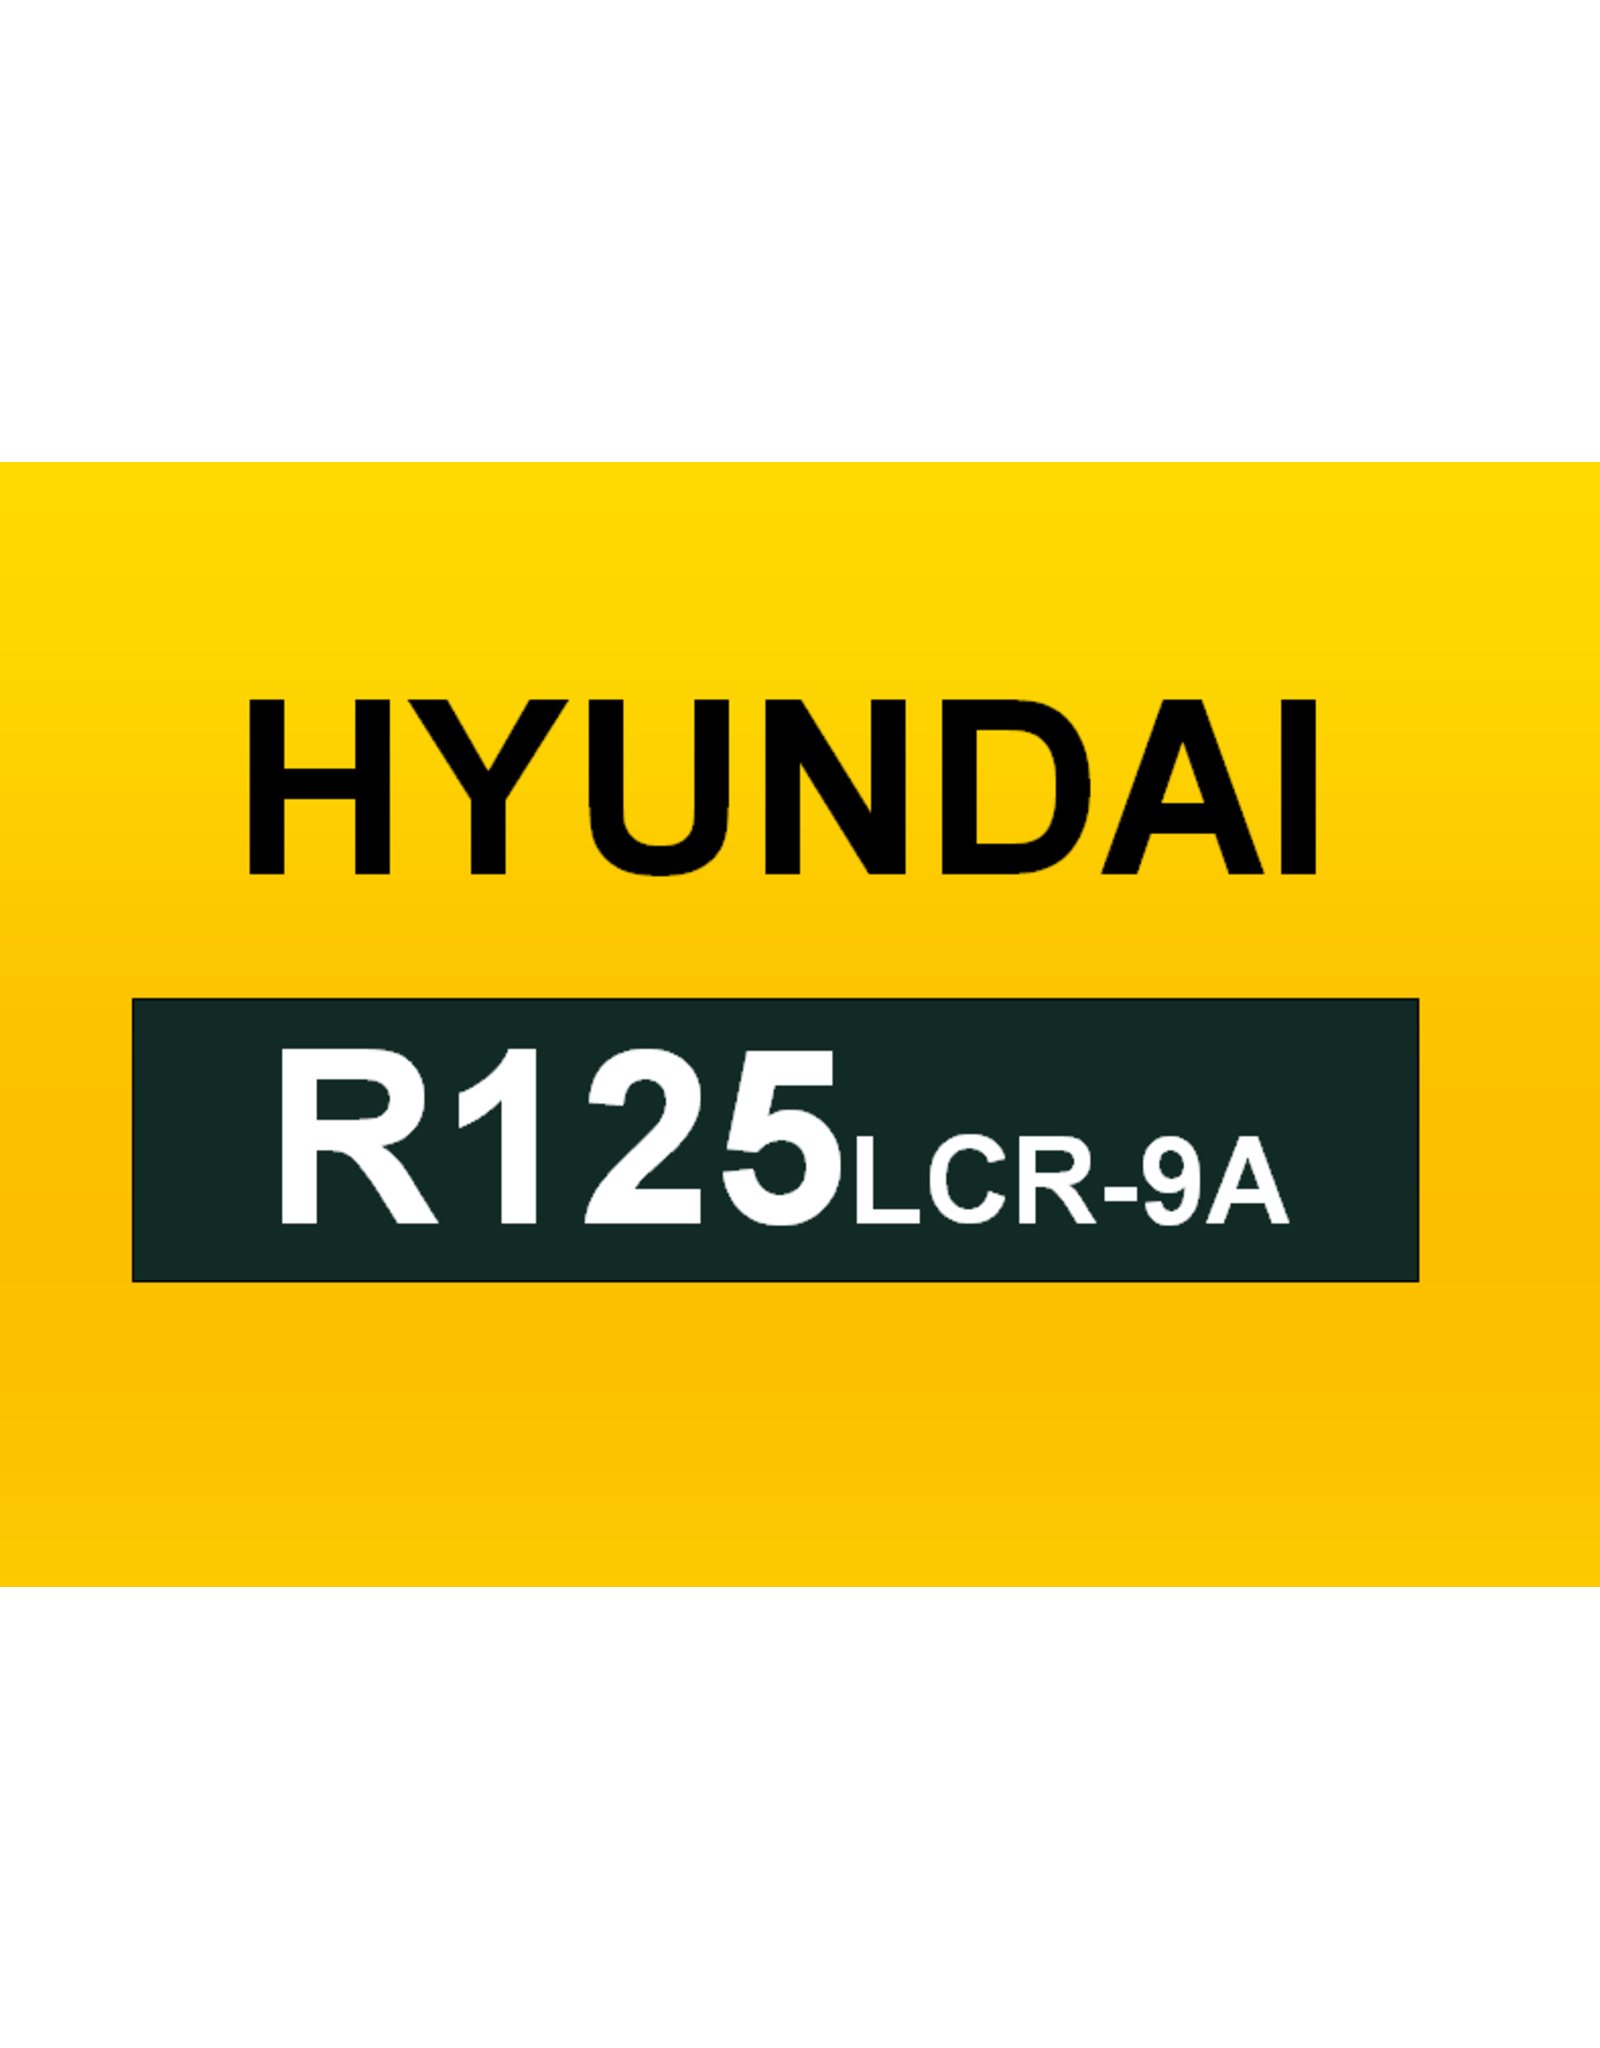 Echle Hartstahl GmbH FOPS für Hyundai R125LCR-9A